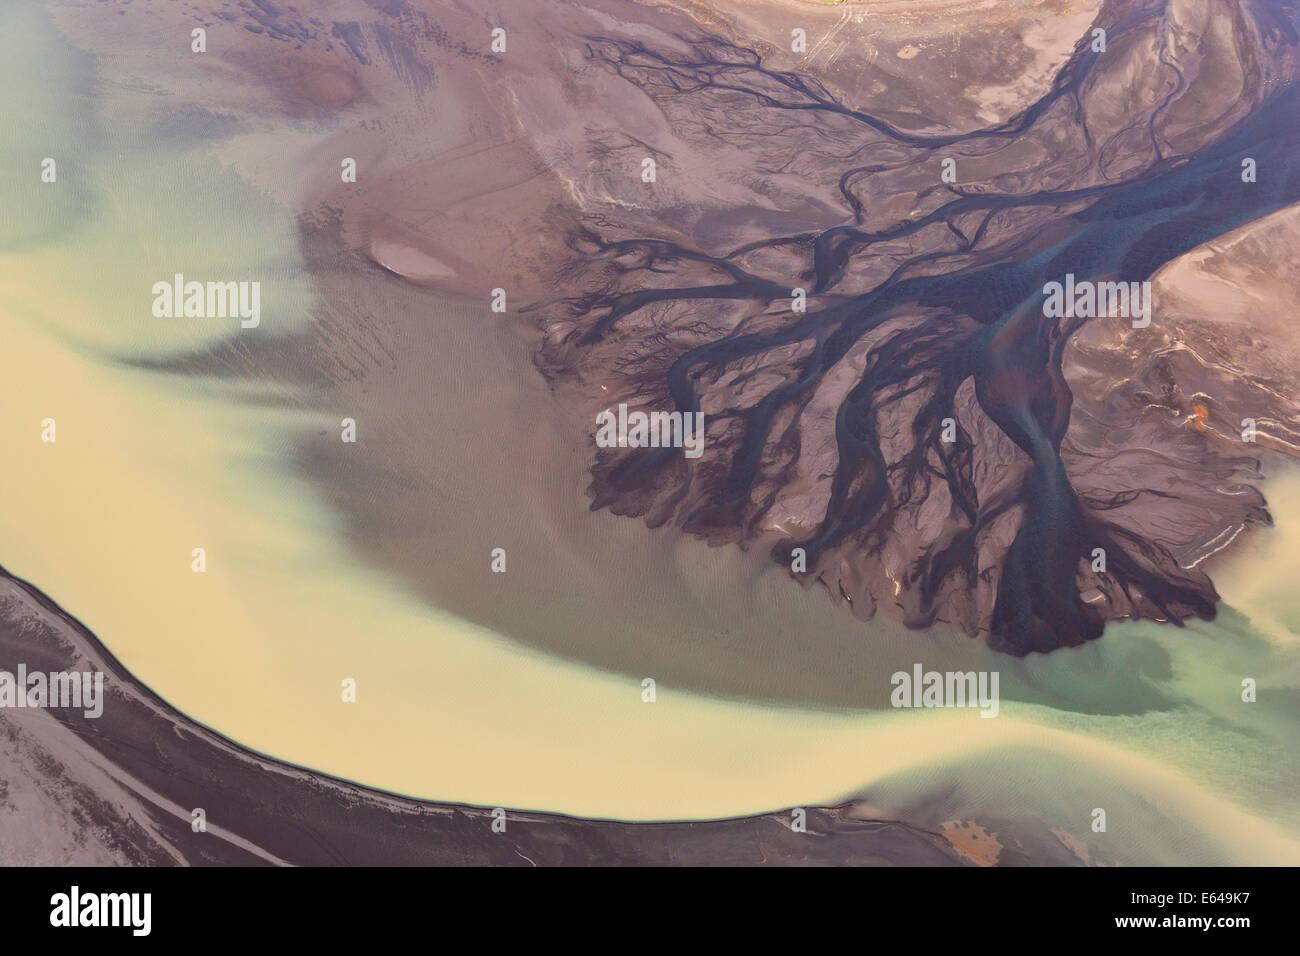 Vue aérienne de l'eau de l'estuaire du fleuve coloré par la fonte des glaciers, l'Islande Banque D'Images